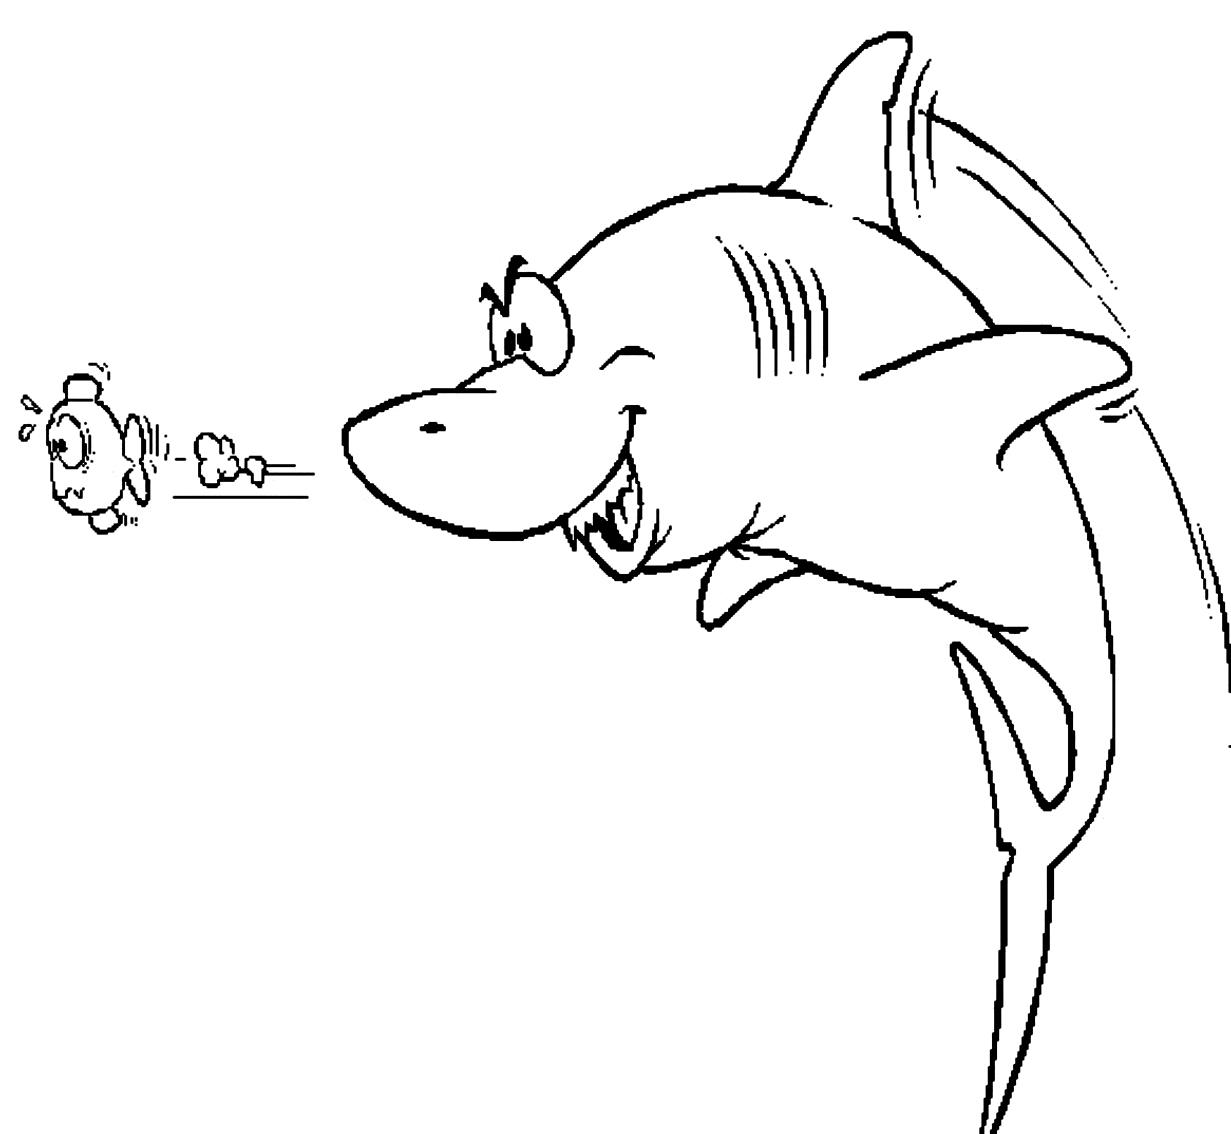 Disegno 8 di squali da stampare e colorare